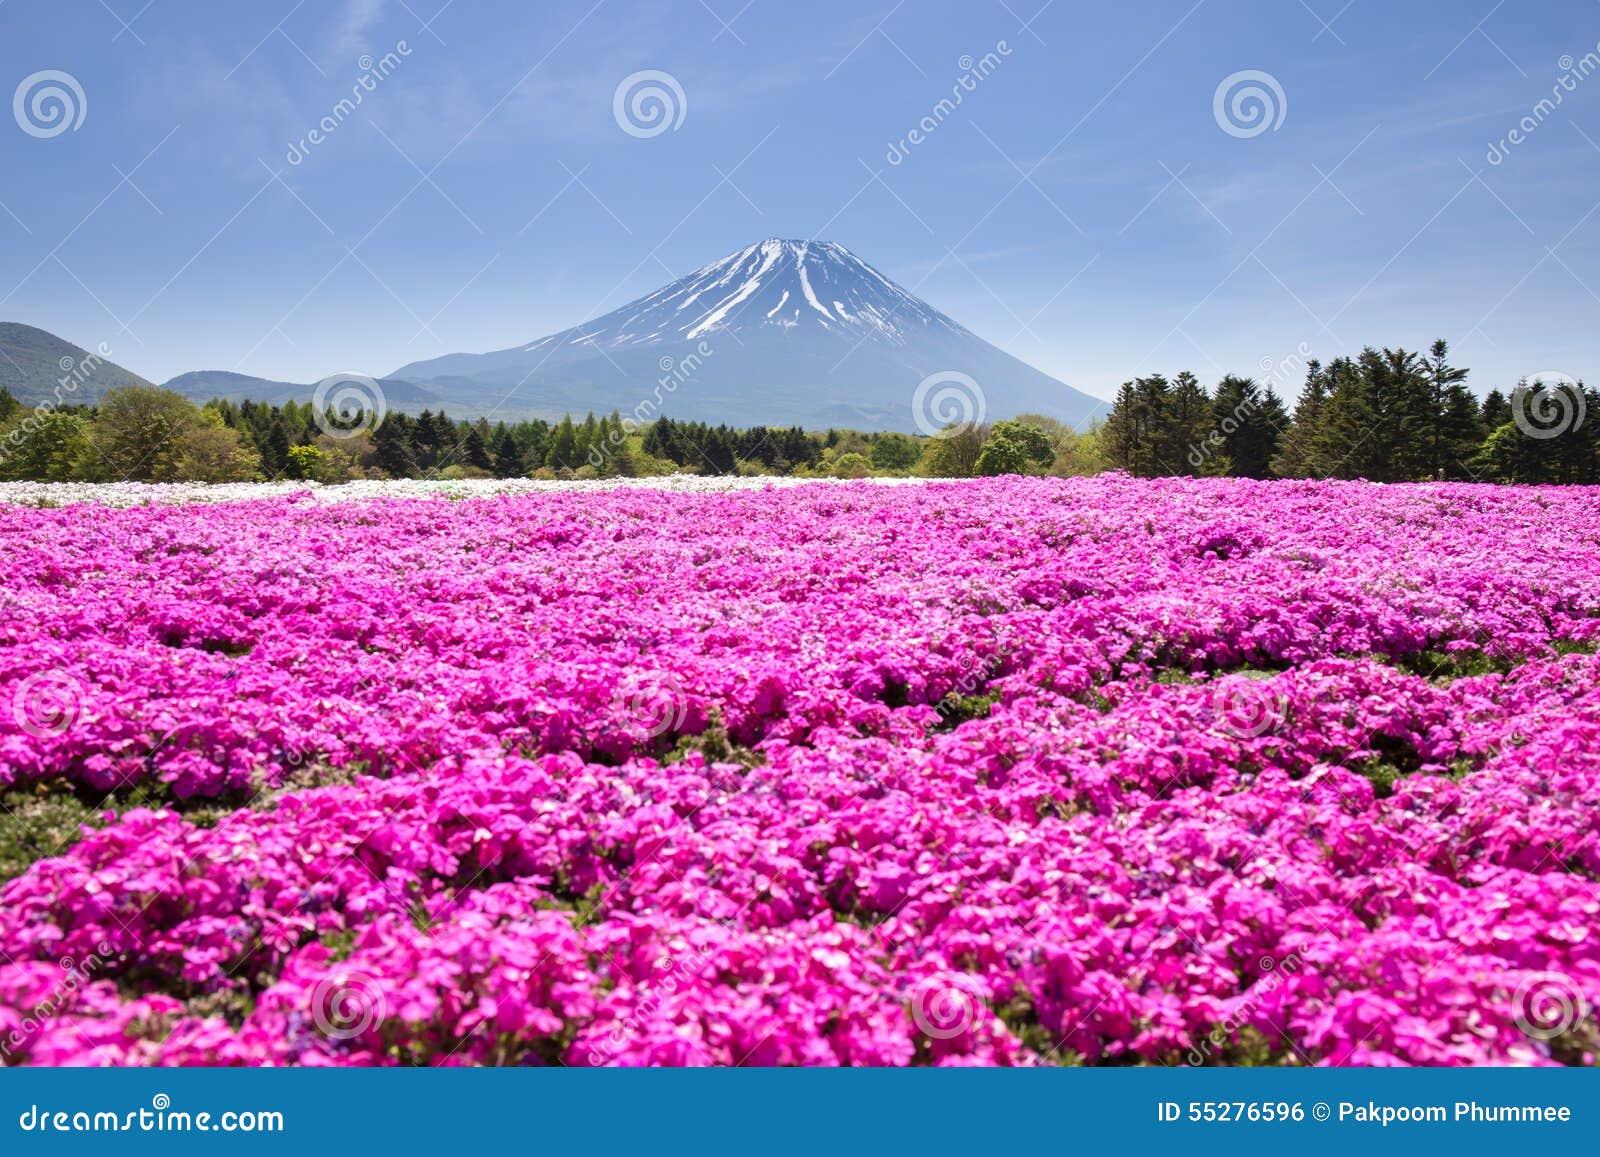 Το φεστιβάλ της Ιαπωνίας Shibazakura με τον τομέα του ρόδινου βρύου Sakura ή το κεράσι ανθίζει με το βουνό Φούτζι Yamanashi, Ιαπω